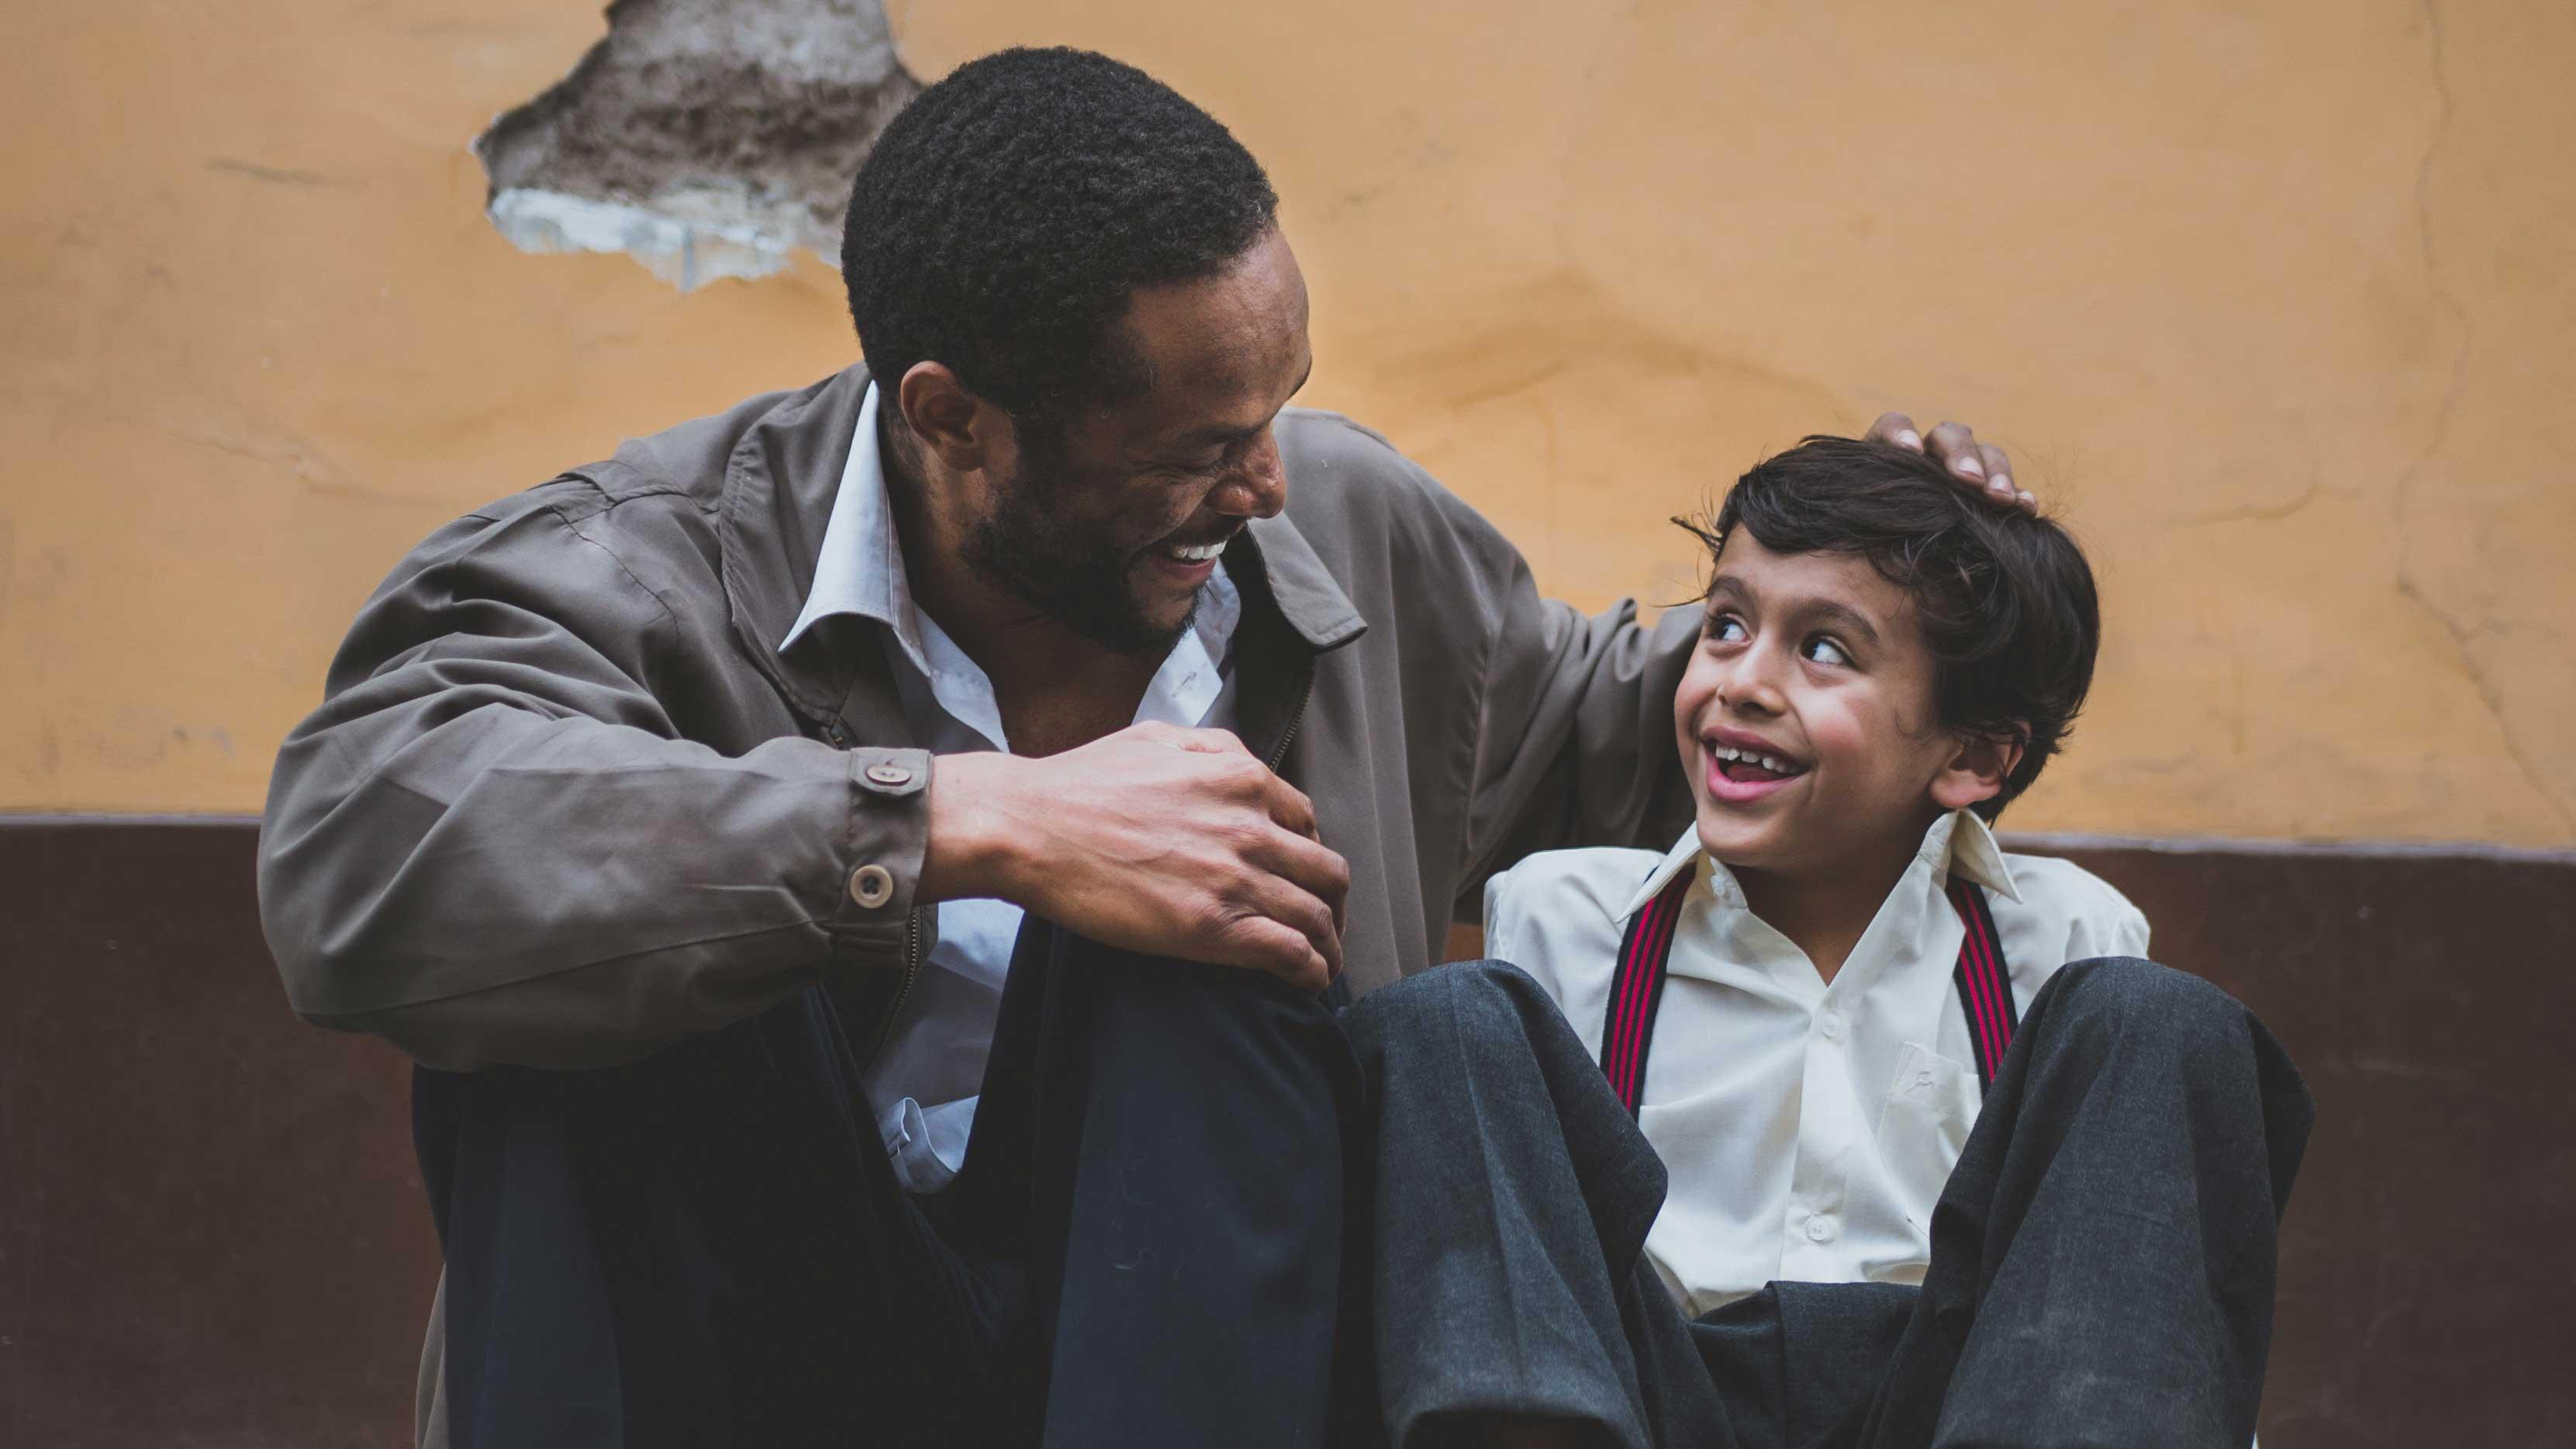 Pai e filho sentados na calçada como se estivessem conversando.